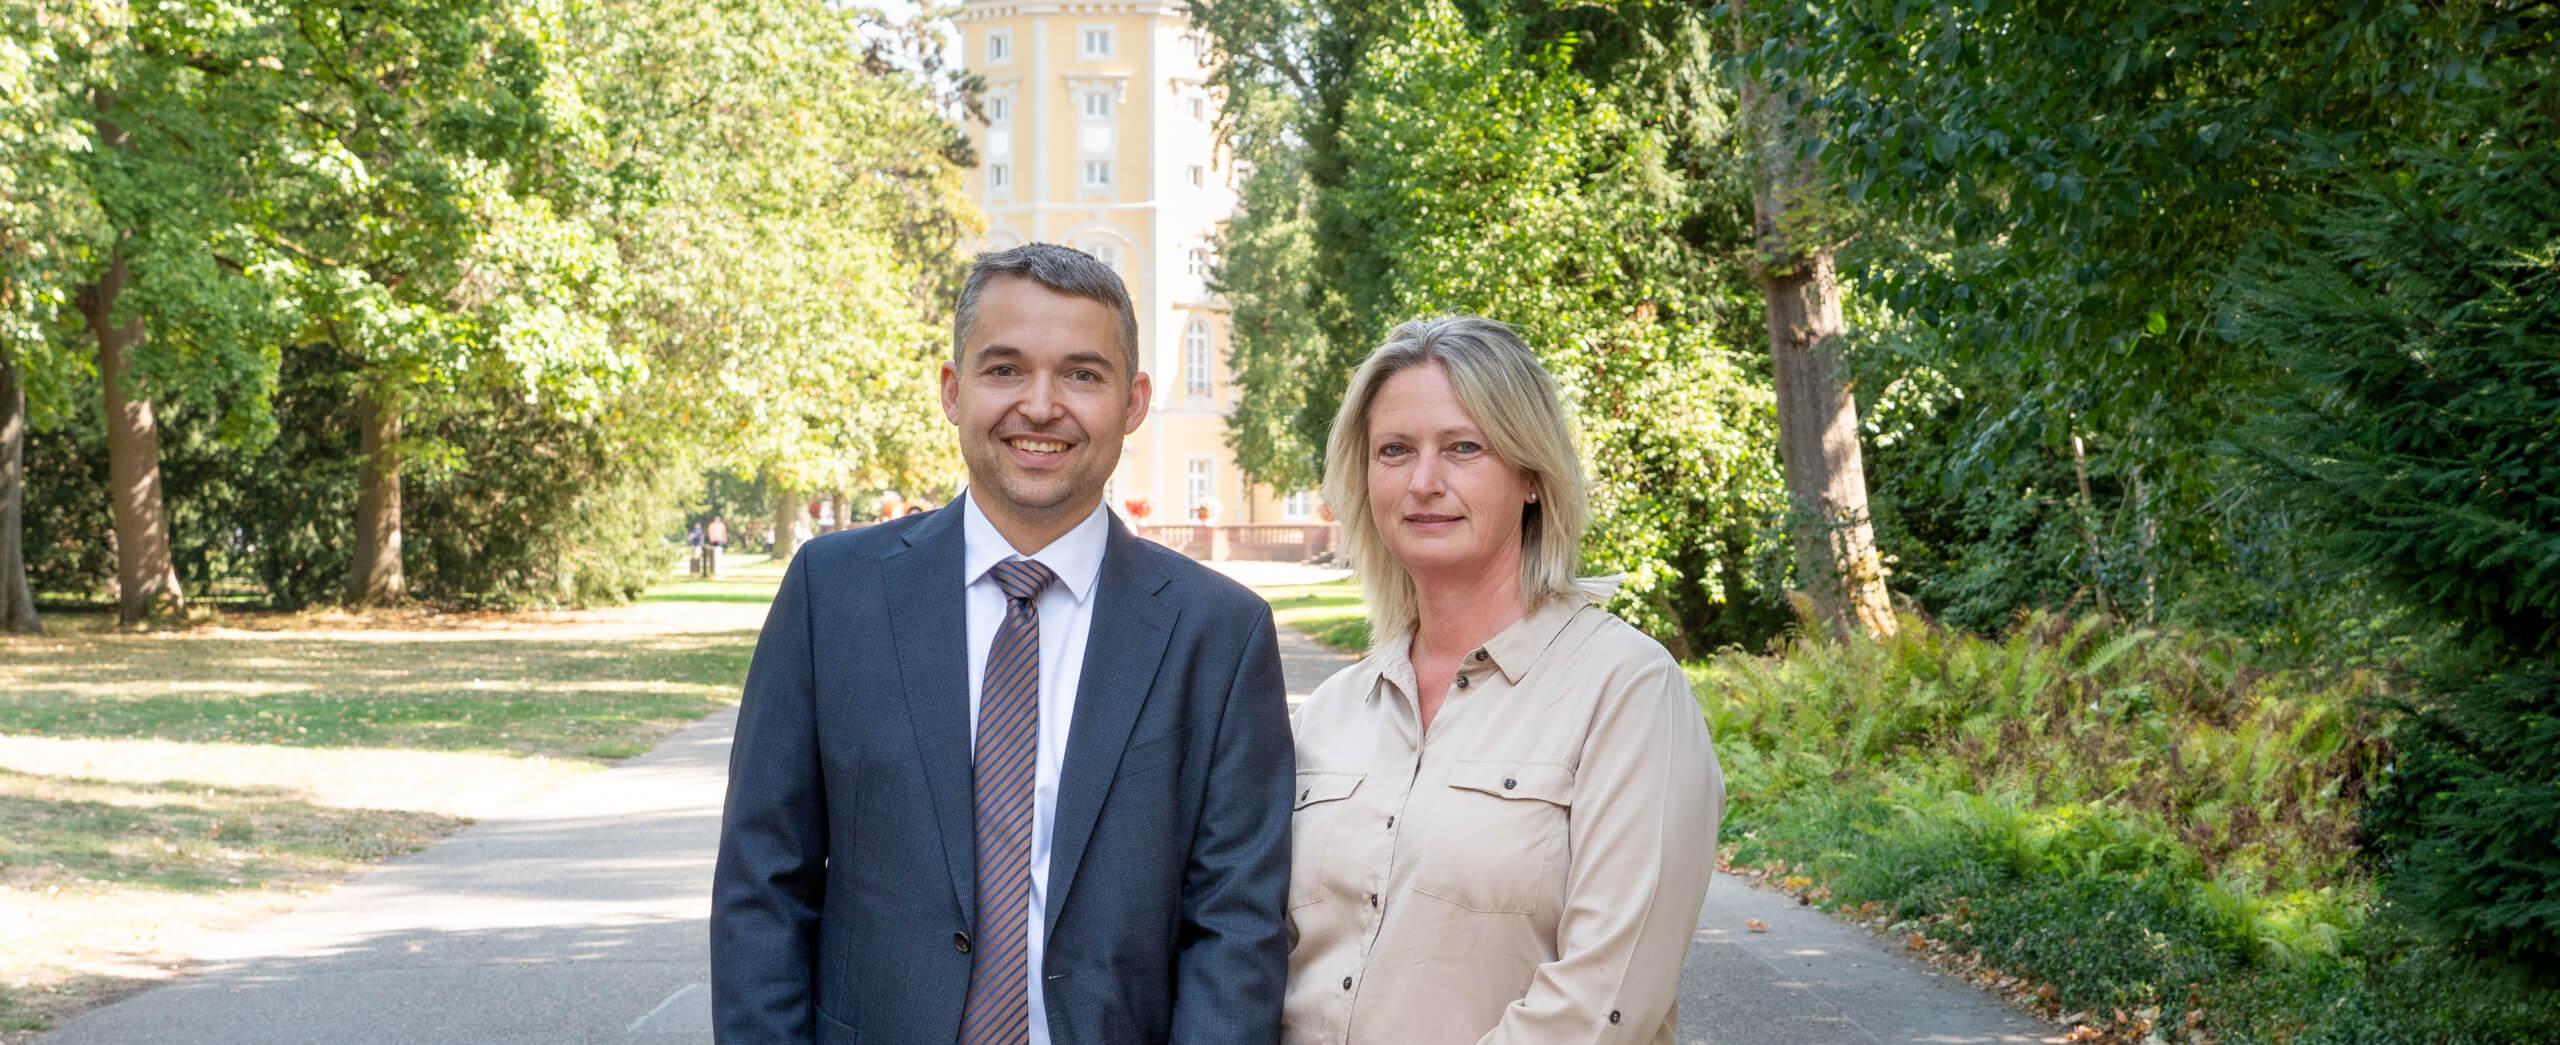 Rüdiger Werner und Sandra Süß